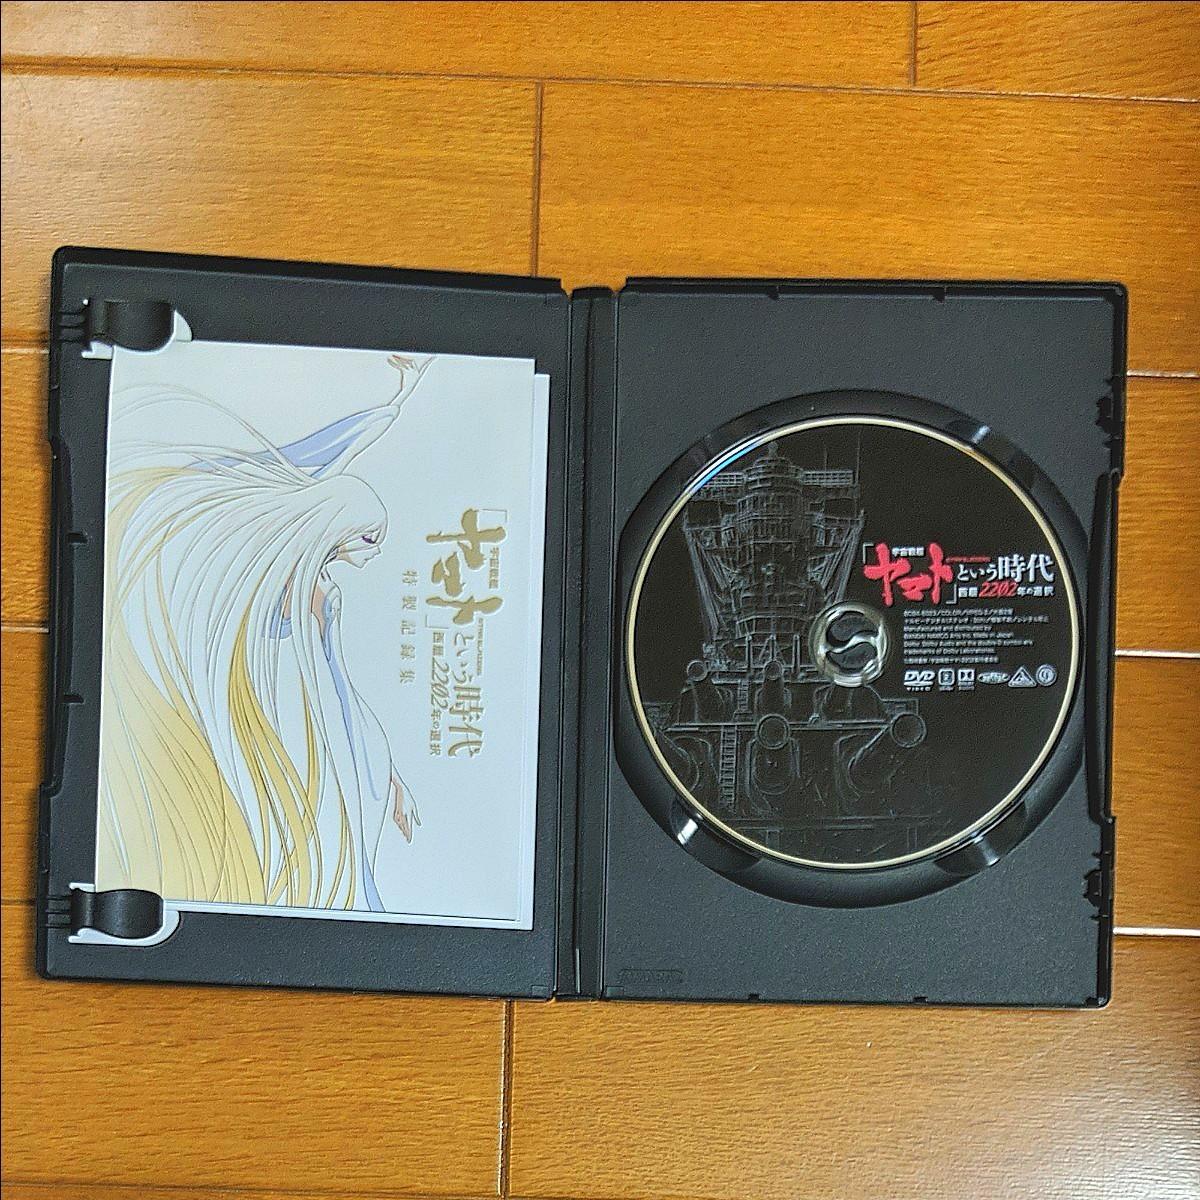 初回版 DVD 宇宙戦艦ヤマト という時代 西暦2202年の選択  クリアファイル付 初回版 8/27発売